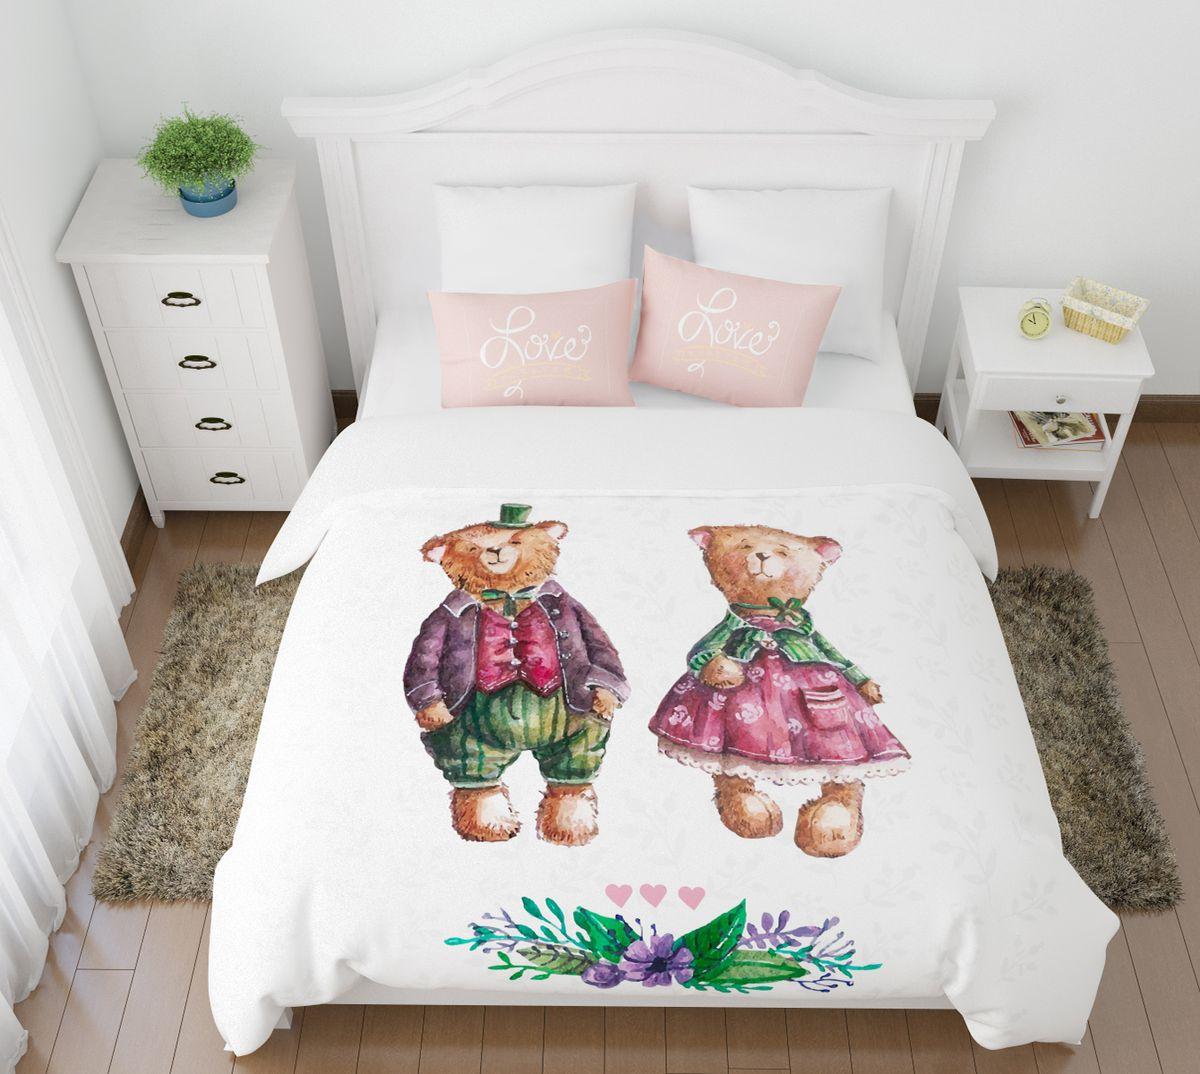 Комплект белья СиреньДуэт, 2-спальный, наволочки 50х70391602Комплект постельного белья Сирень 2-х спальный выполнен из прочной и мягкой ткани. Четкий и стильный рисунок в сочетании с насыщенными красками делают комплект постельного белья неповторимой изюминкой любого интерьера. Постельное белье идеально подойдет для подарка. Идеальное соотношение смешенной ткани и гипоаллергенных красок это гарантия здорового, спокойного сна. Ткань хорошо впитывает влагу, надолго сохраняет яркость красок. Цвет простыни, пододеяльника, наволочки в комплектации может немного отличаться от представленного на фото.В комплект входят: простыня - 200х220см; пододельяник 175х210 см; наволочка - 50х70х2шт. Постельное белье легко стирать при 30-40 градусах, гладить при 150 градусах, не отбеливать.Рекомендуется перед первым изпользованием постирать.